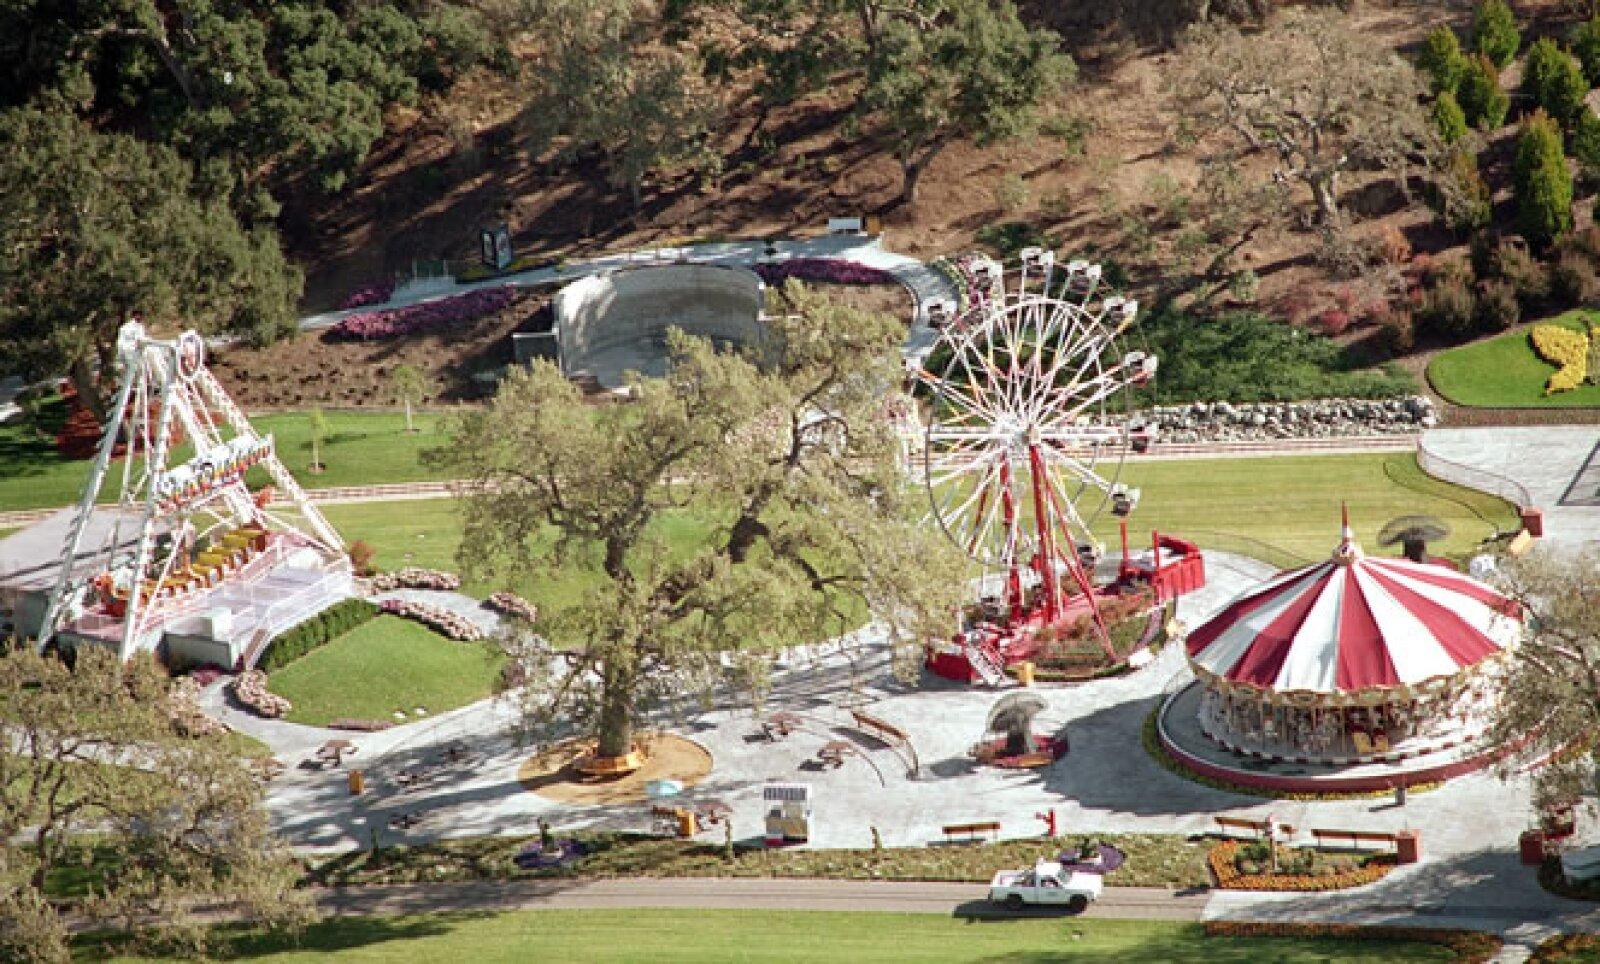 La firma turística Channel Island Helicopters organizó vuelos sobre el rancho Neverland, en el sur de California, donde Jackson vivió. El costo de cada viaje es de 175 dólares.